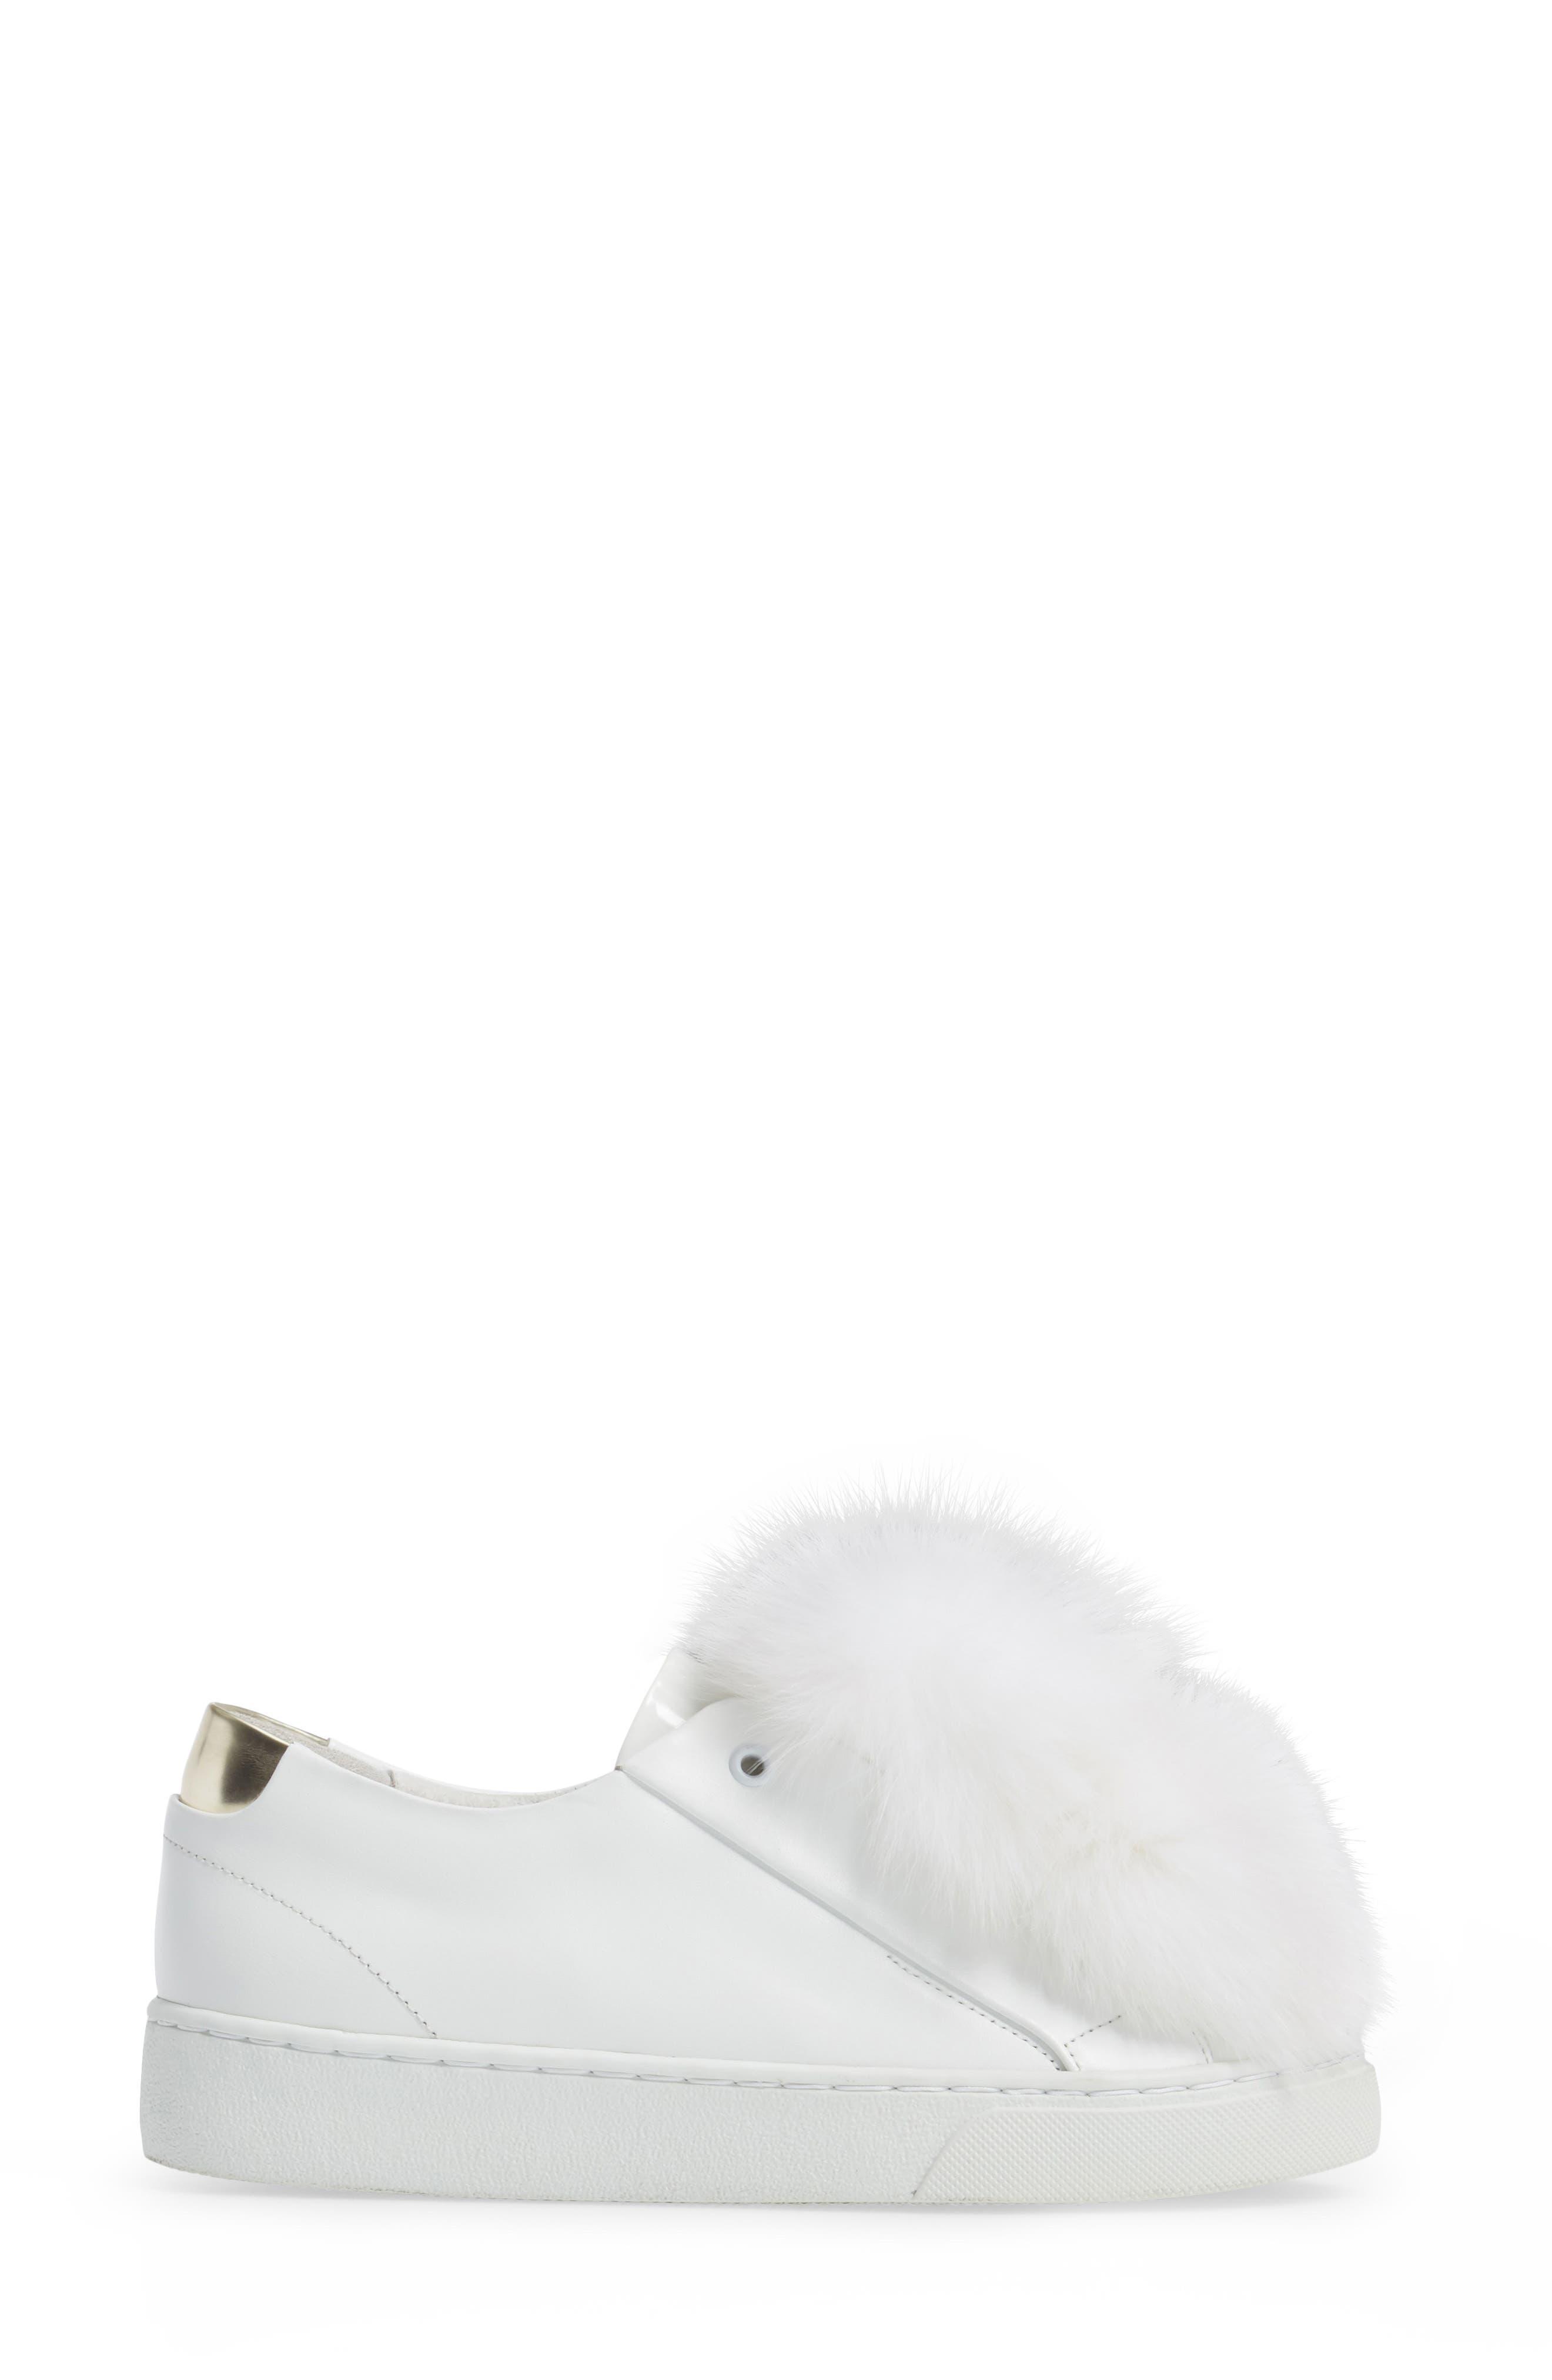 Sugar Genuine Fox Fur Slip-On Sneaker,                             Alternate thumbnail 3, color,                             White Leather